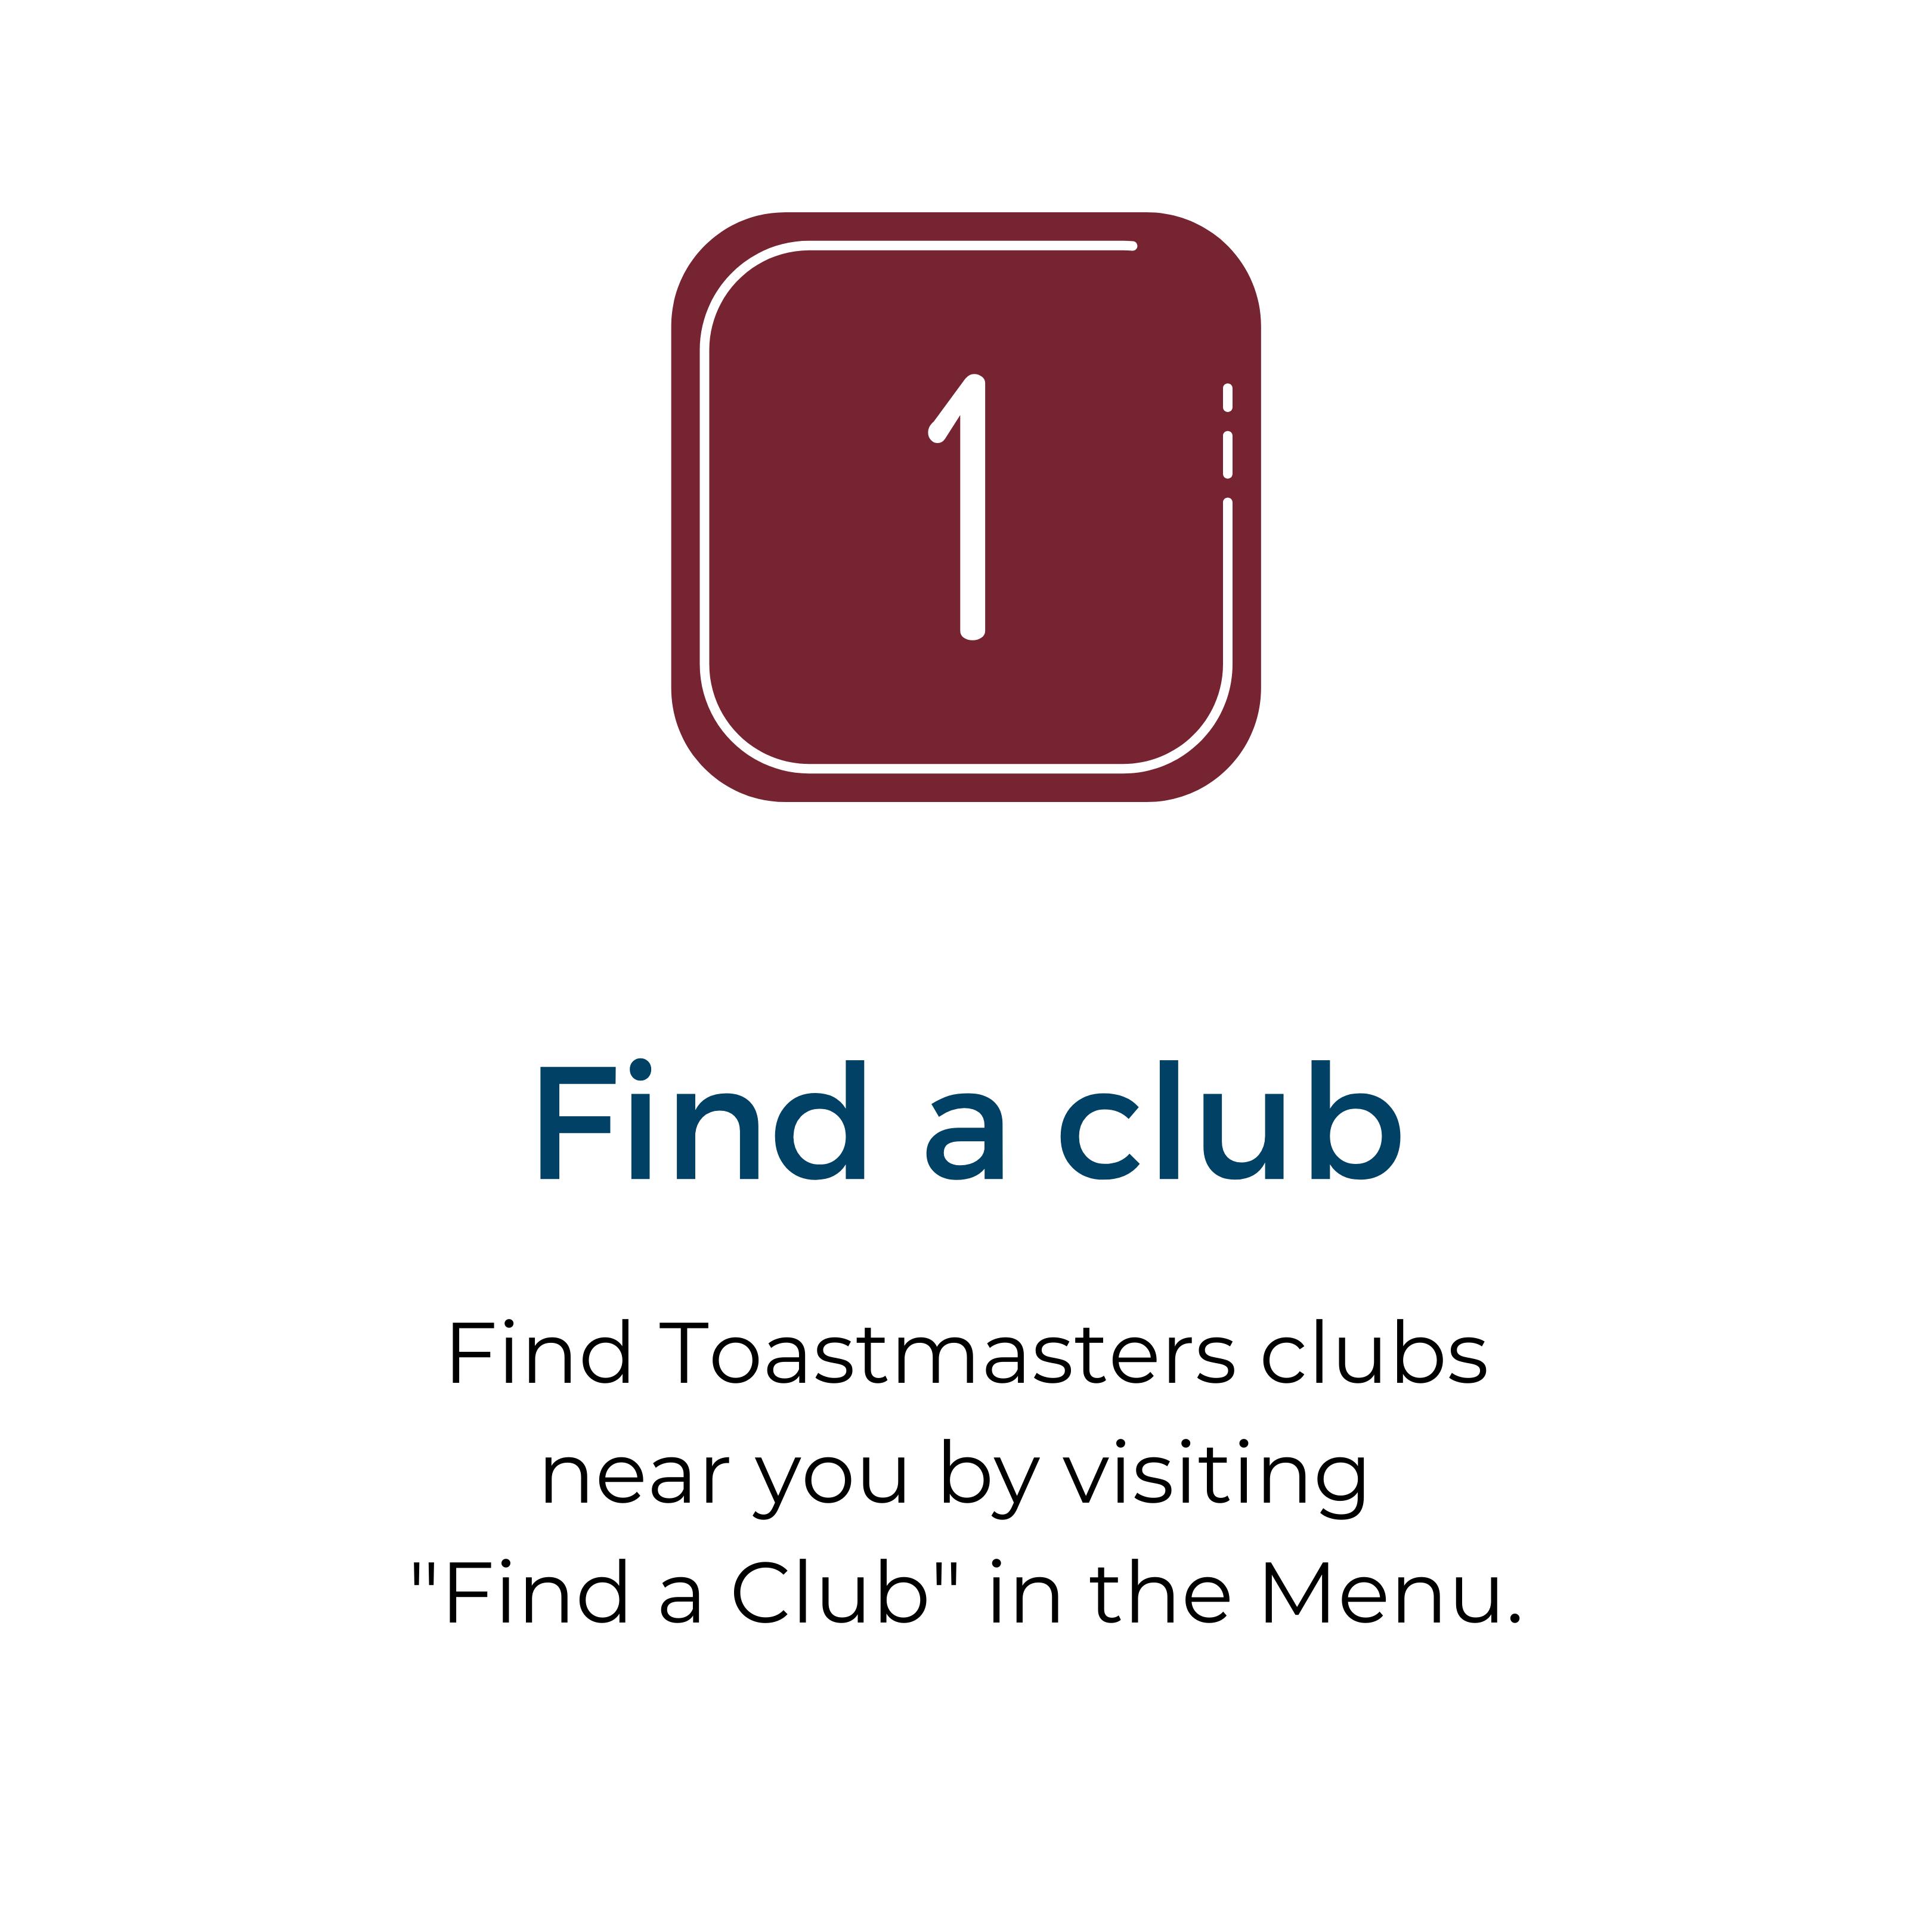 1 Find a club